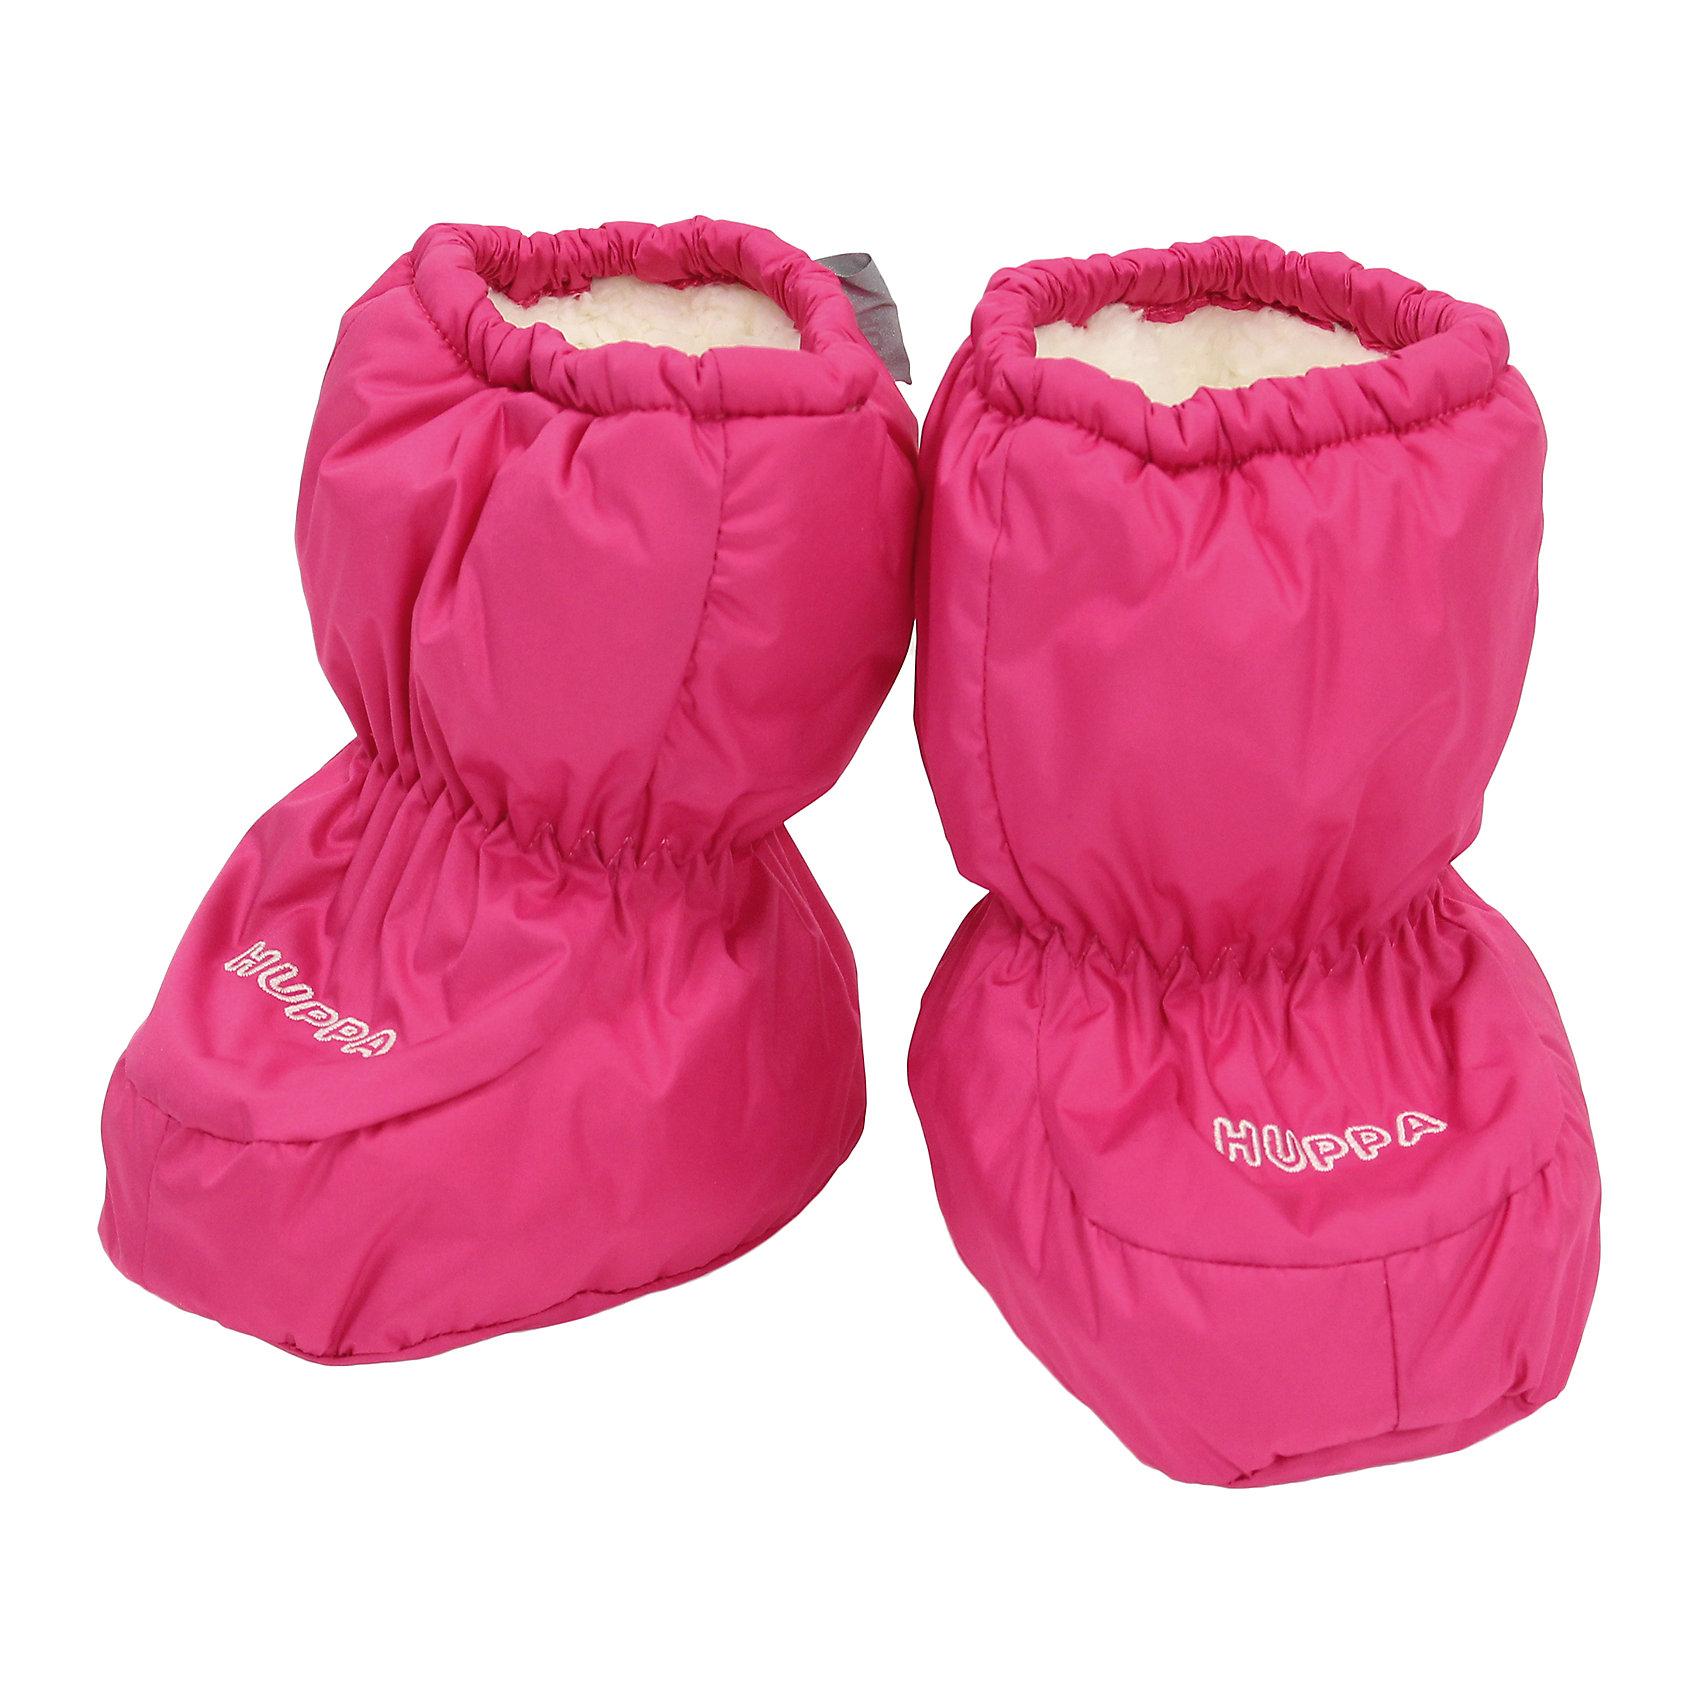 """Пинетки для девочки HuppaПинетки для младенцев ярких цветов с легким ватином. У пинеток мягкая подкладка из """"Coral-fleece"""" и хорошо дышащая и водоотталкивающая ткань. Для удобства ношения пинеток в центральную часть и по верхнему краю вшиты резинки, чтобы они хорошо держались на ножках, а в качестве украшения добавлена красивая вышивка Huppa (Хуппа).<br><br><br>Пинетки для девочки Huppa (Хуппа) можно купить в нашем магазине.<br><br>Ширина мм: 162<br>Глубина мм: 171<br>Высота мм: 55<br>Вес г: 119<br>Цвет: розовый<br>Возраст от месяцев: 0<br>Возраст до месяцев: 6<br>Пол: Женский<br>Возраст: Детский<br>Размер: one size<br>SKU: 4243094"""